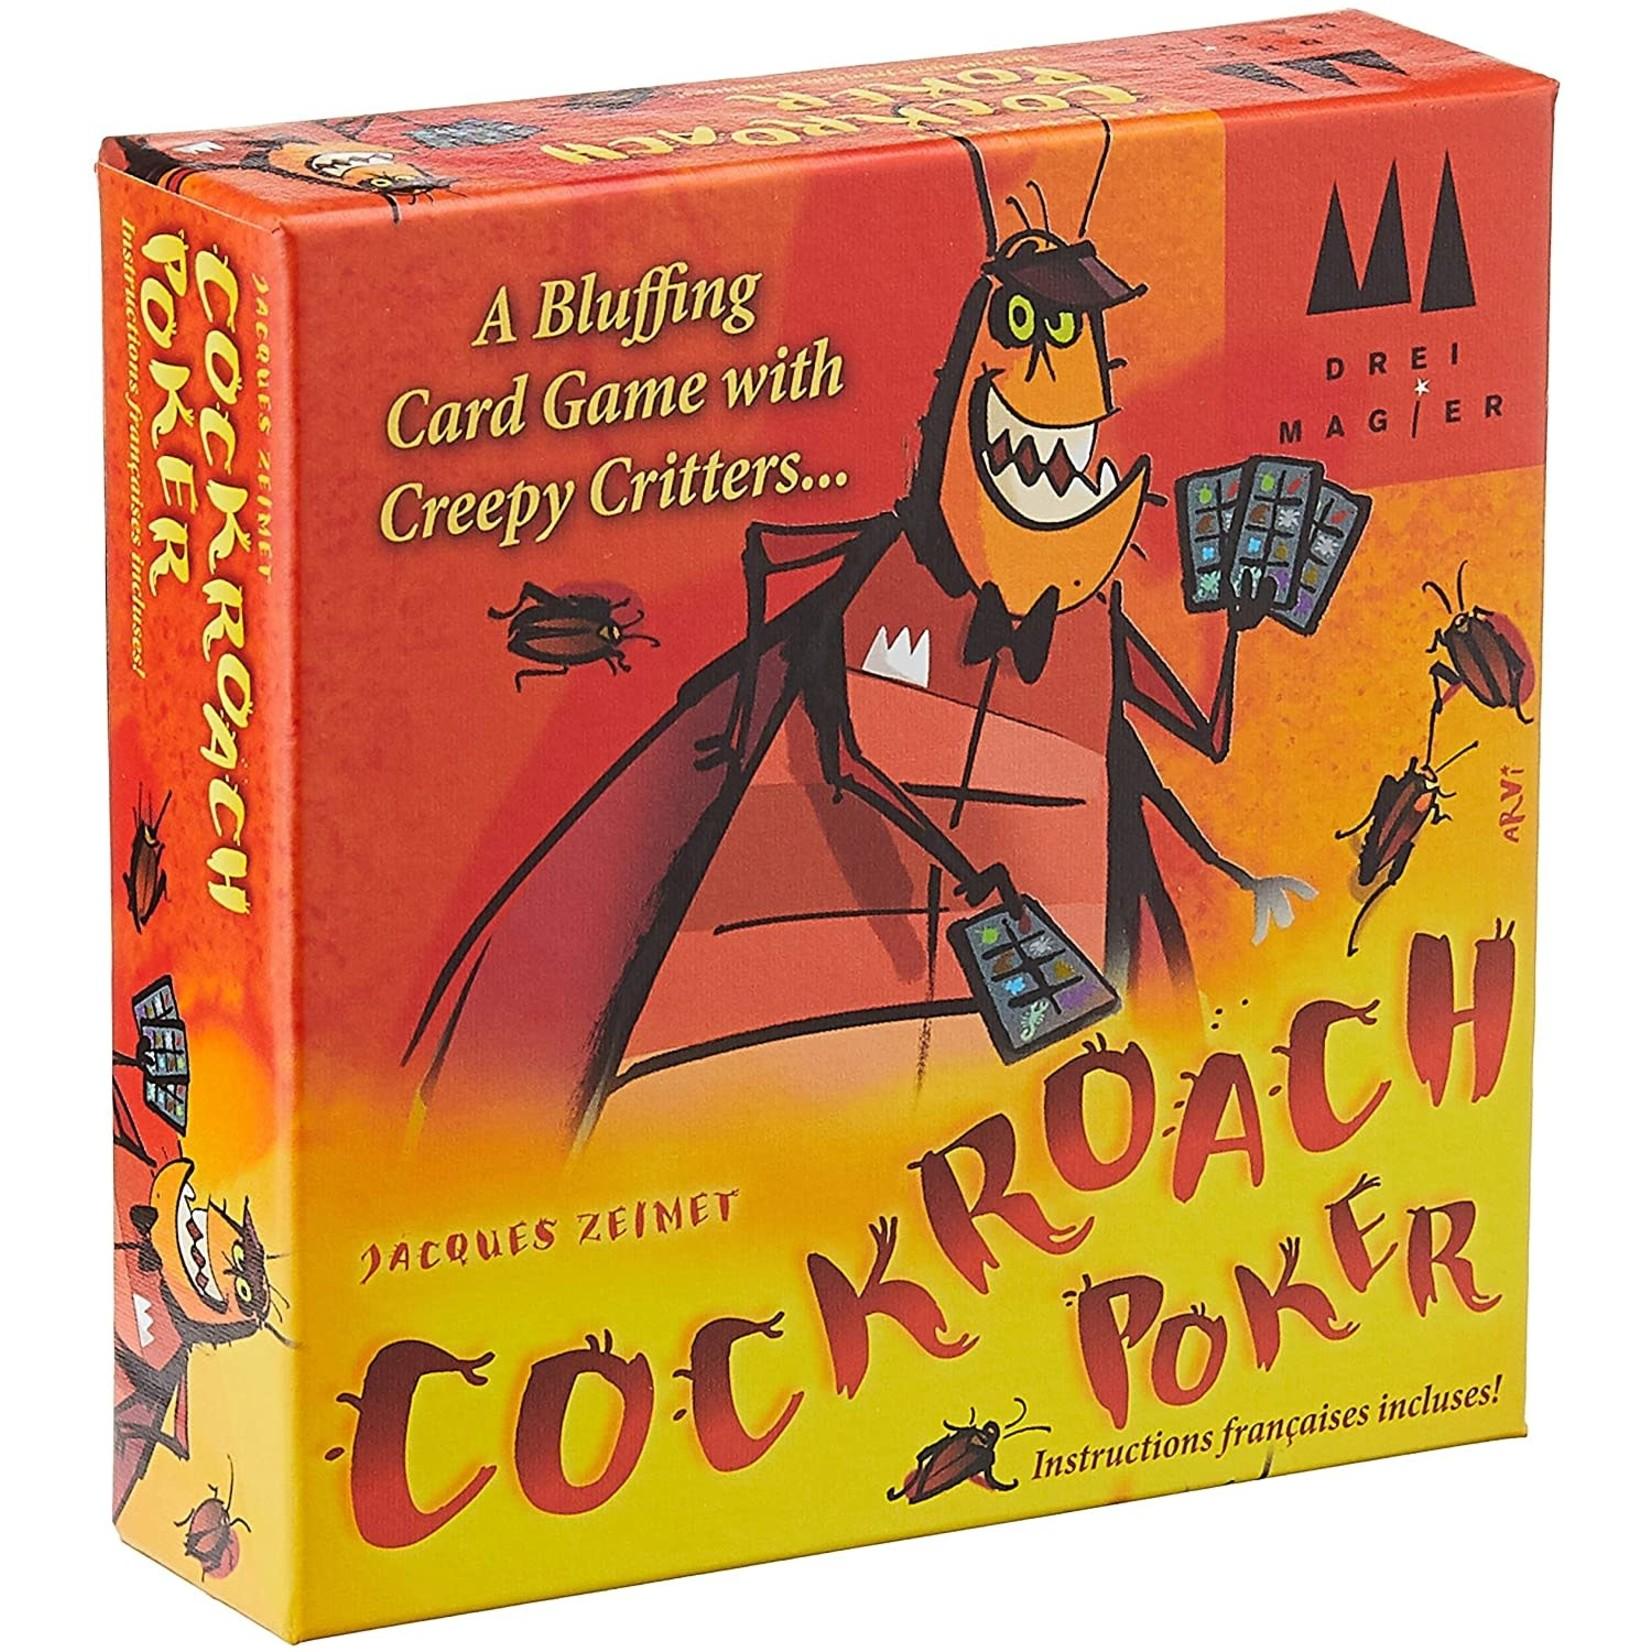 Schmidt Spiele Cockroach Poker